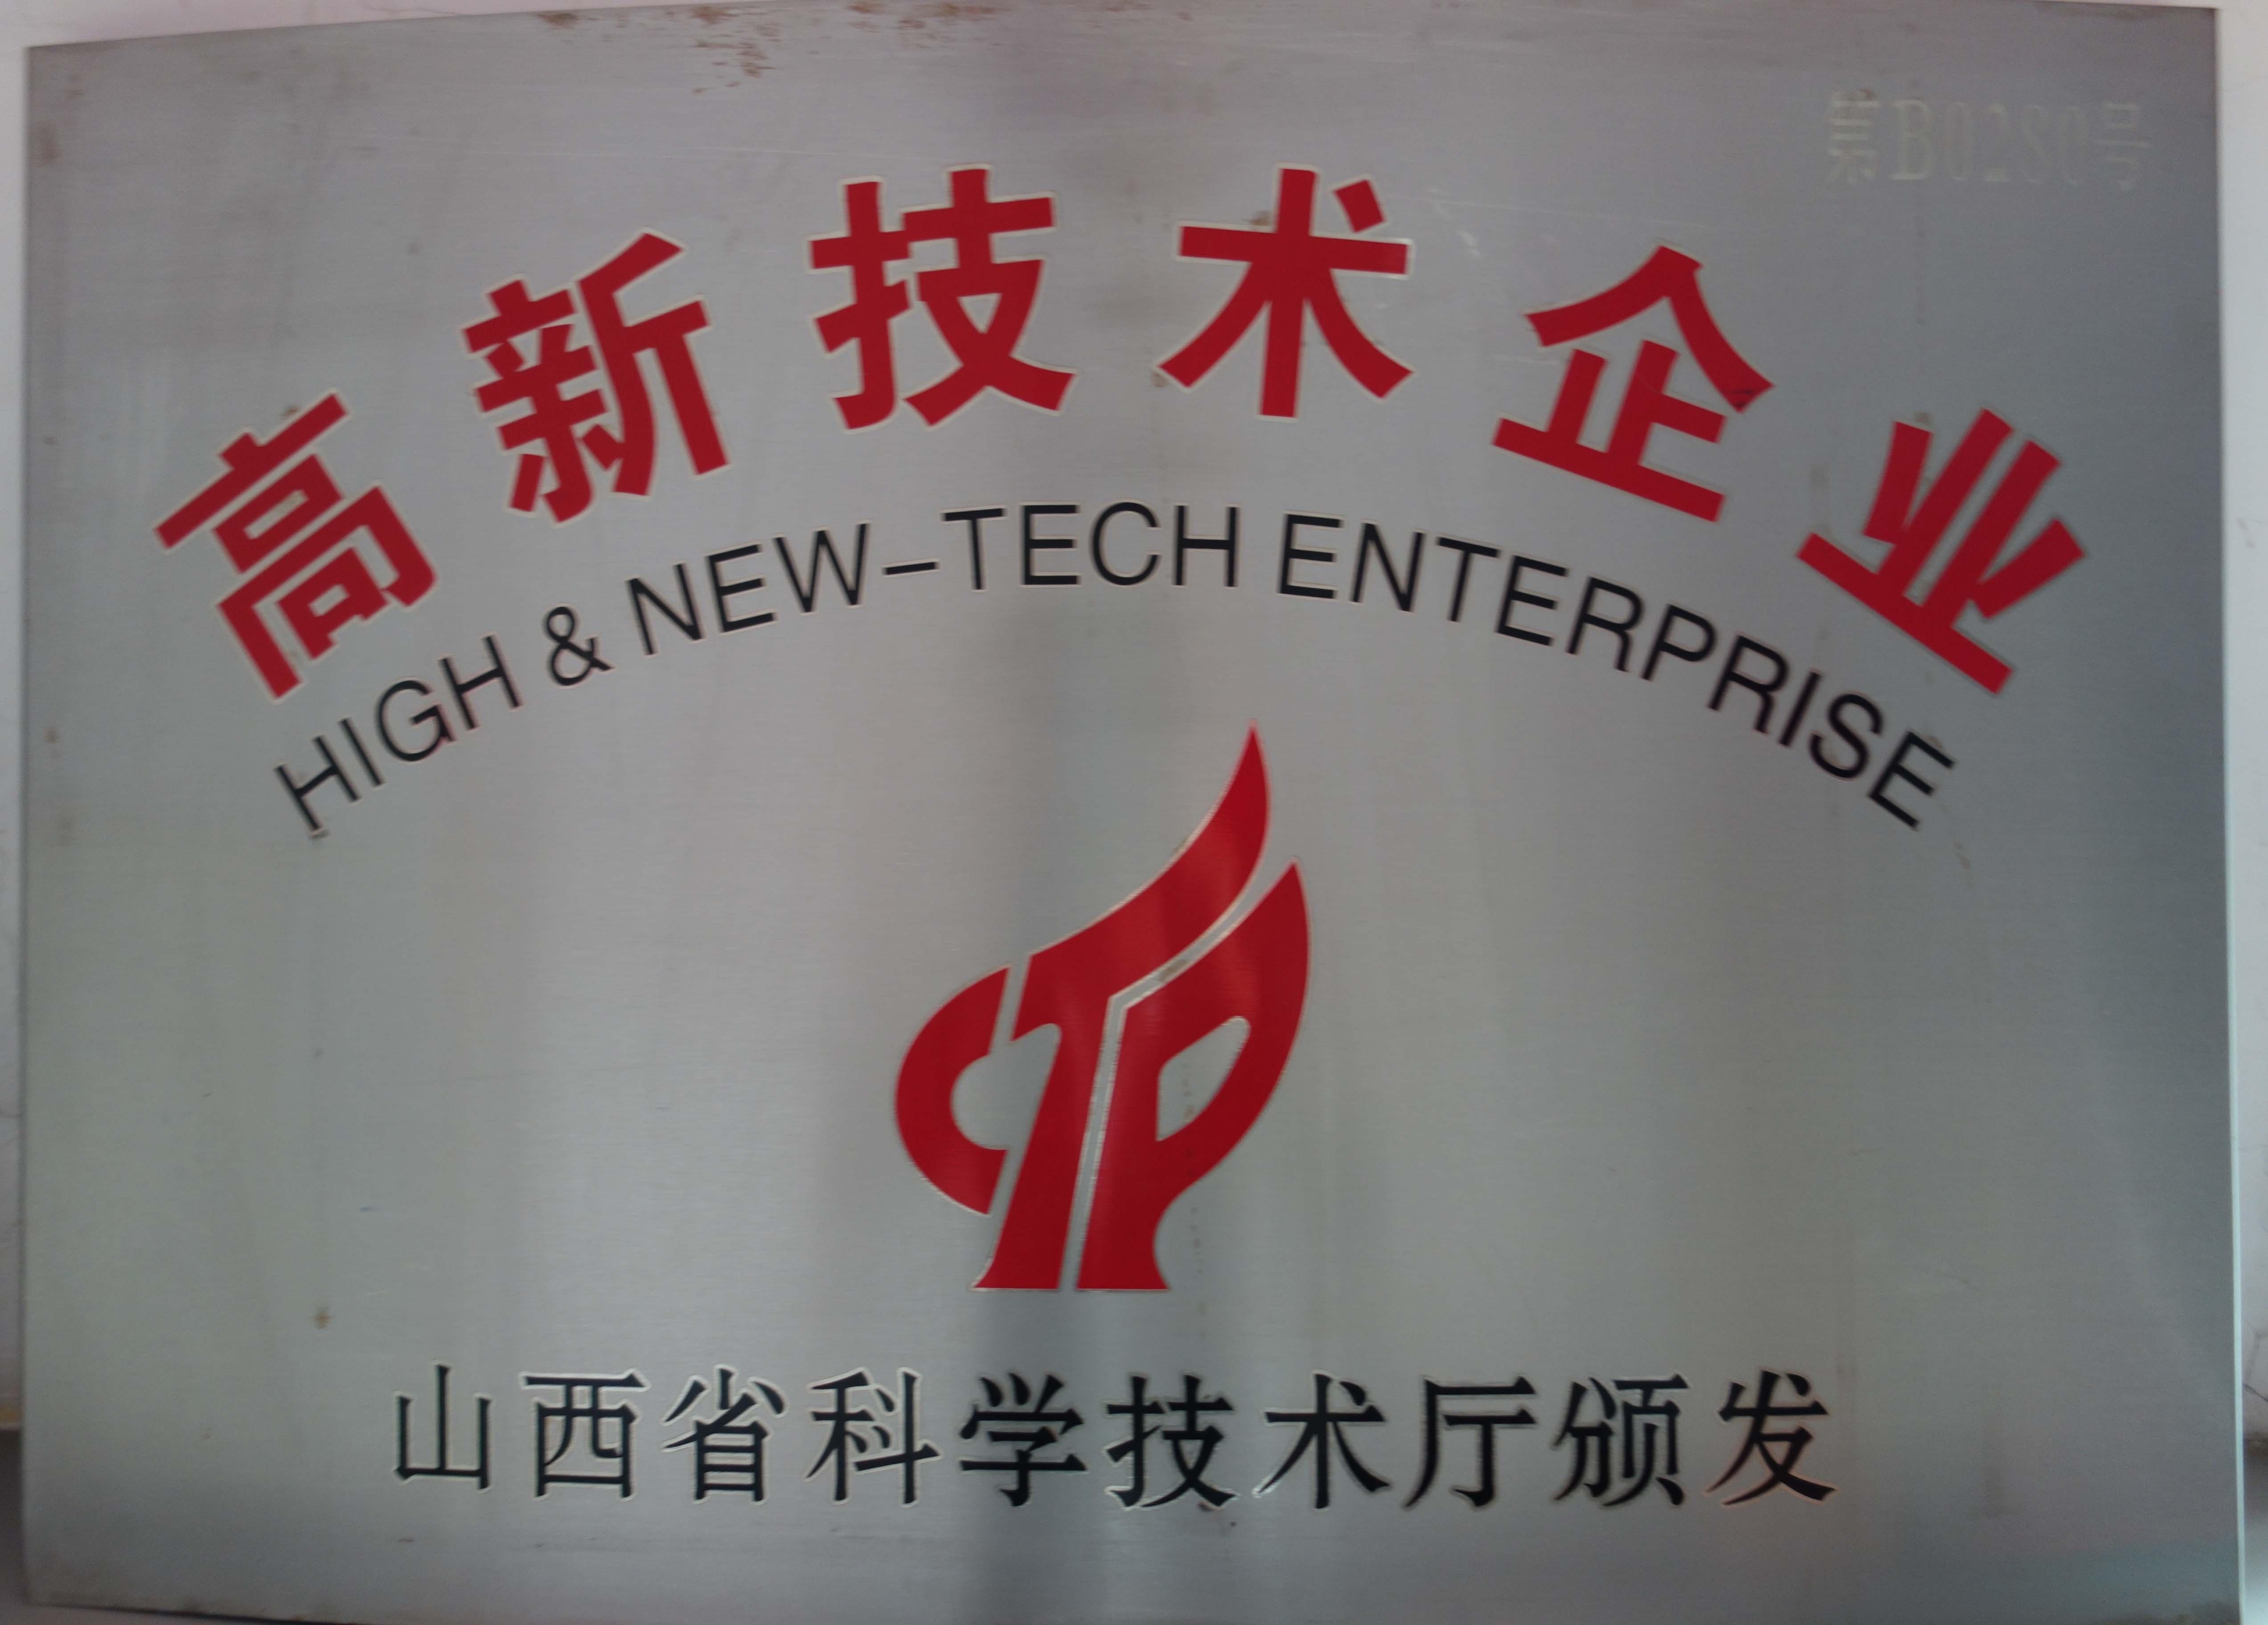 高新技术企业